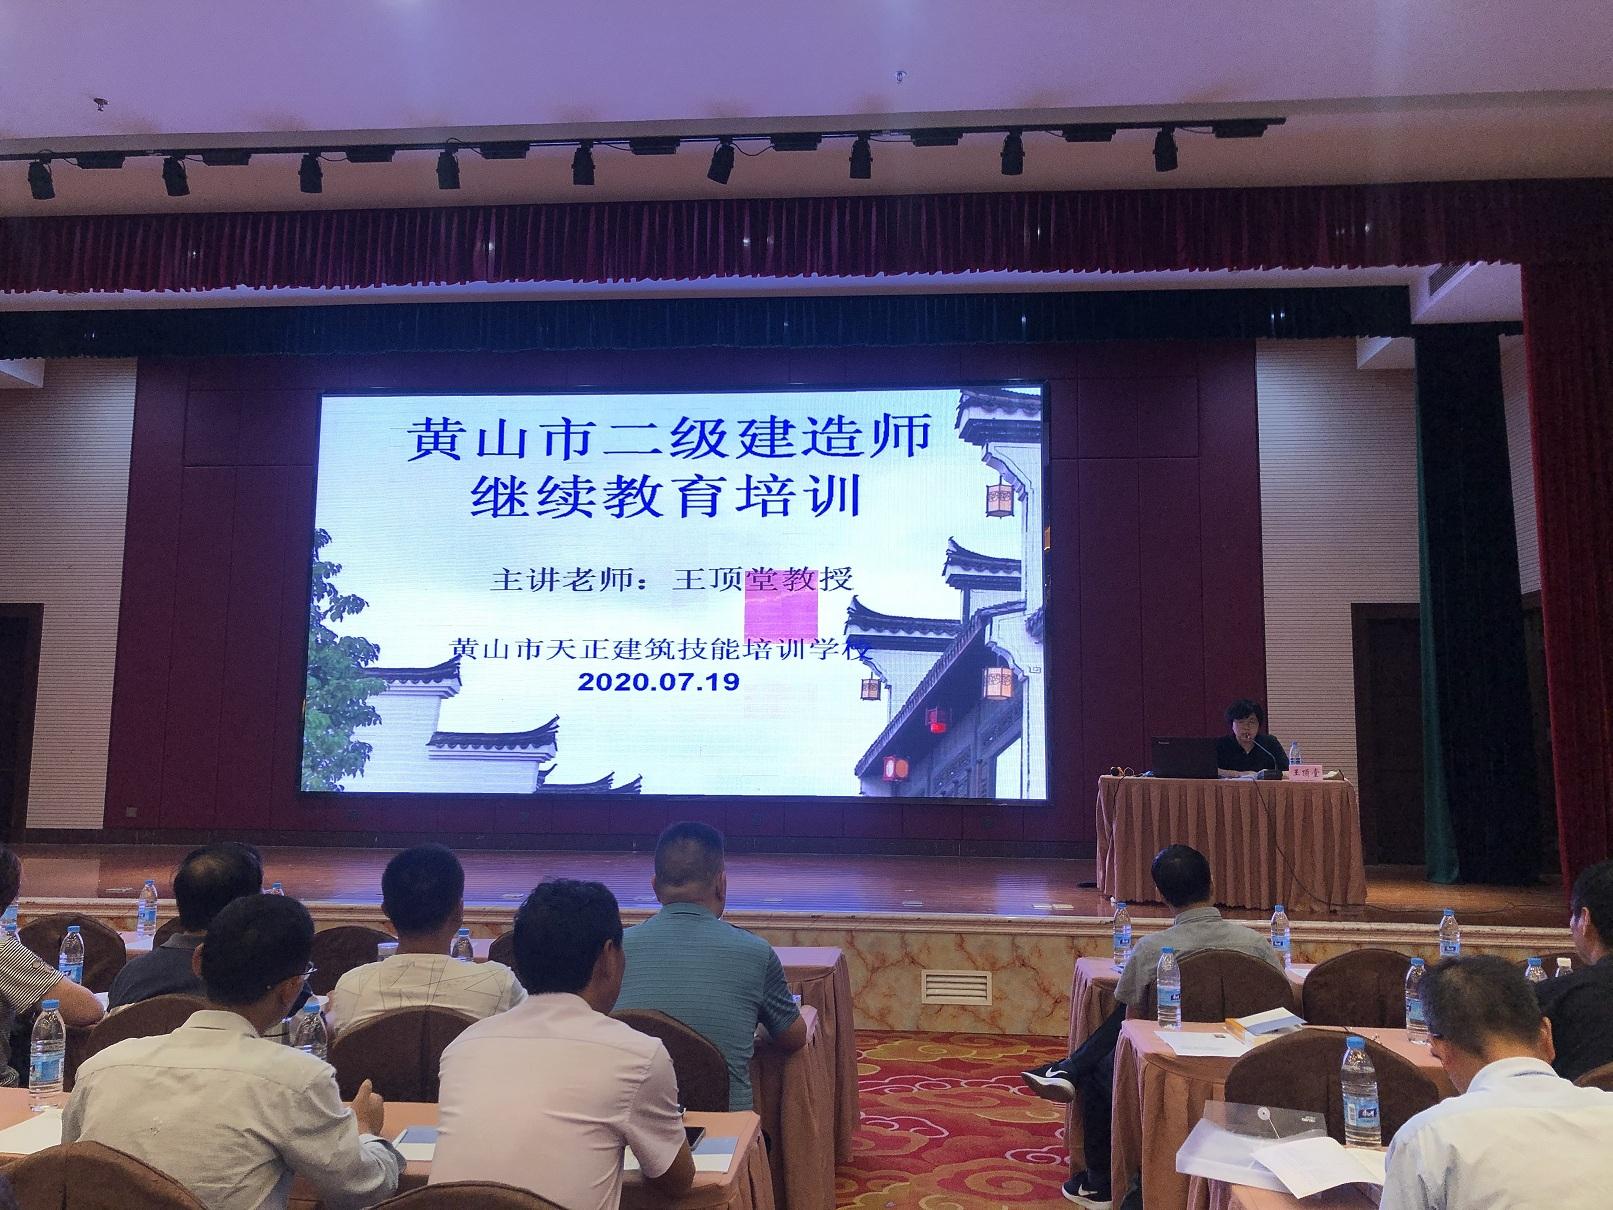 黄山市二级建造师(建筑工程)继续教育培训班顺利举办